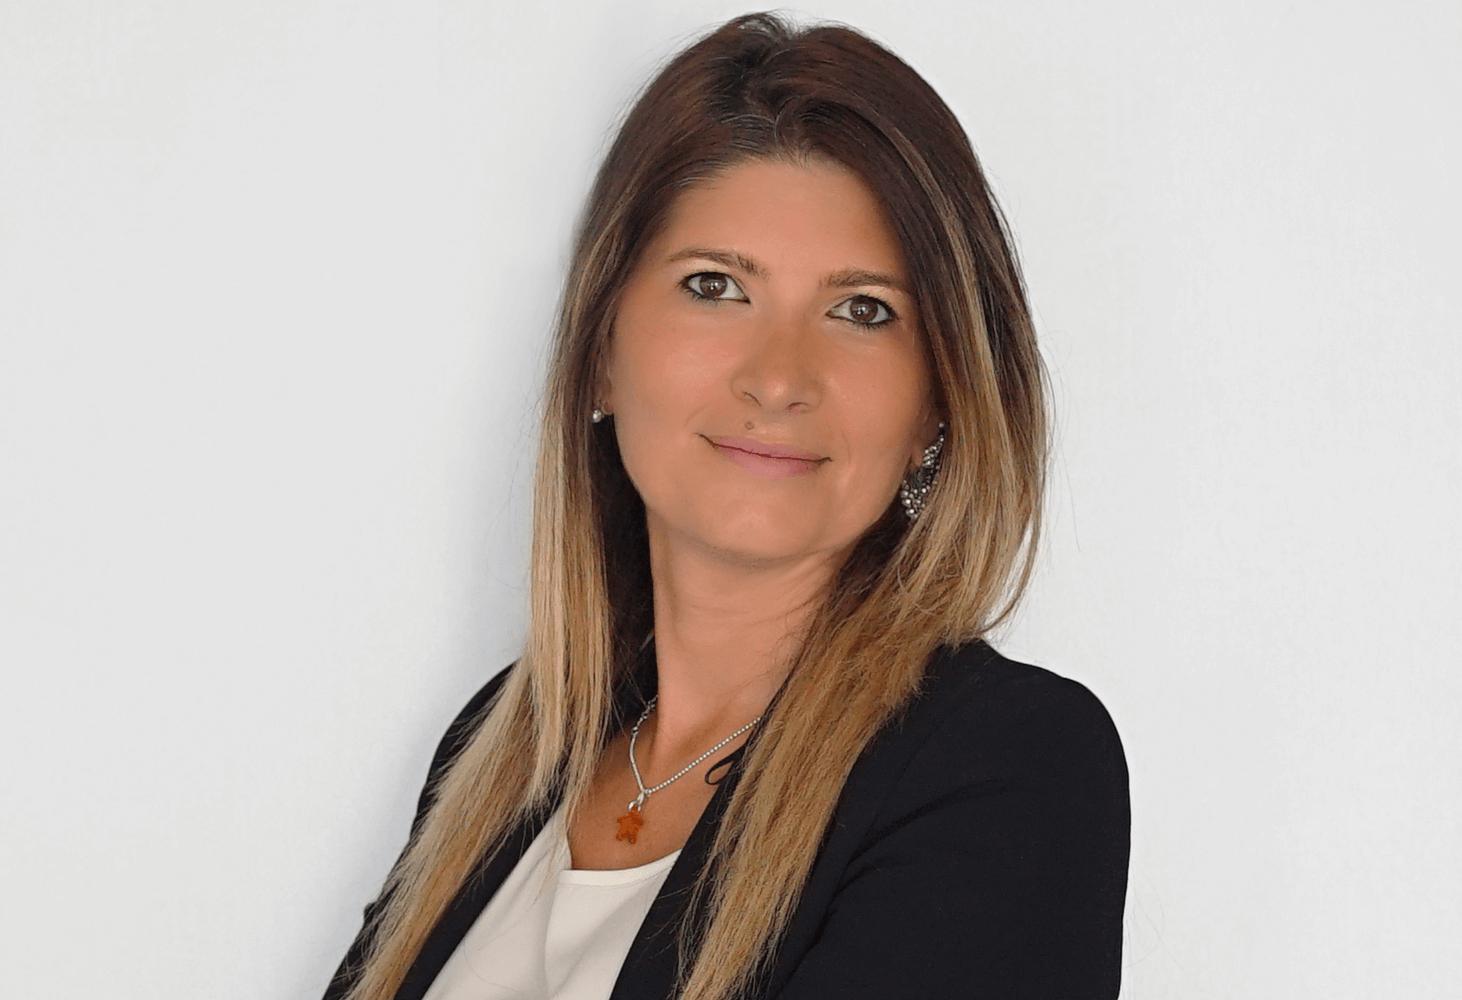 Artigo de Opinião - Constança Santos - Regional Managing Director - IT People Innovation - Gerir em tempos de pandemia